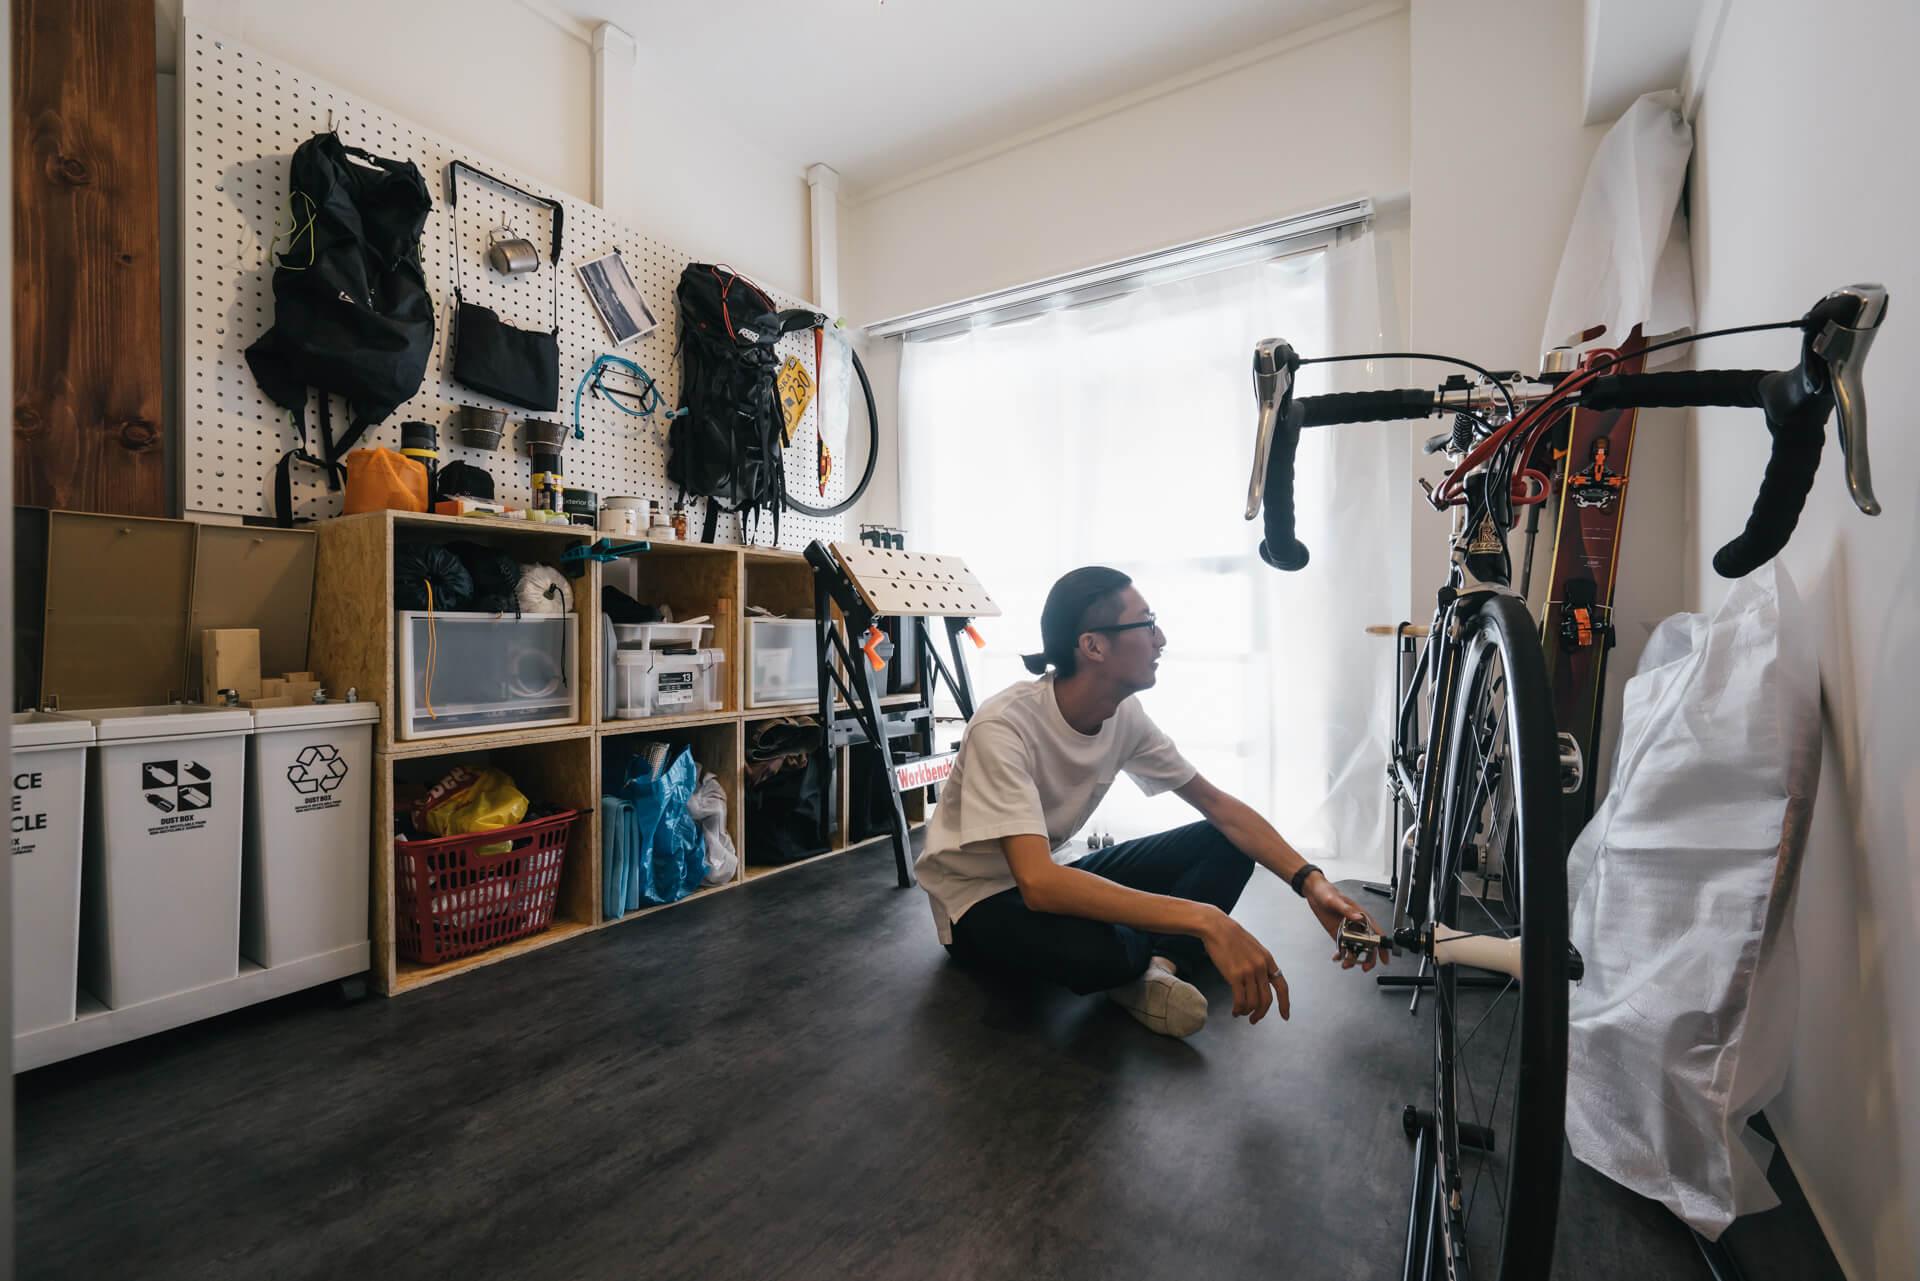 趣味部屋として使っているもう1部屋。趣味のバックカントリースキー、ロードバイク、それにDIYのためのグッズが置かれています。